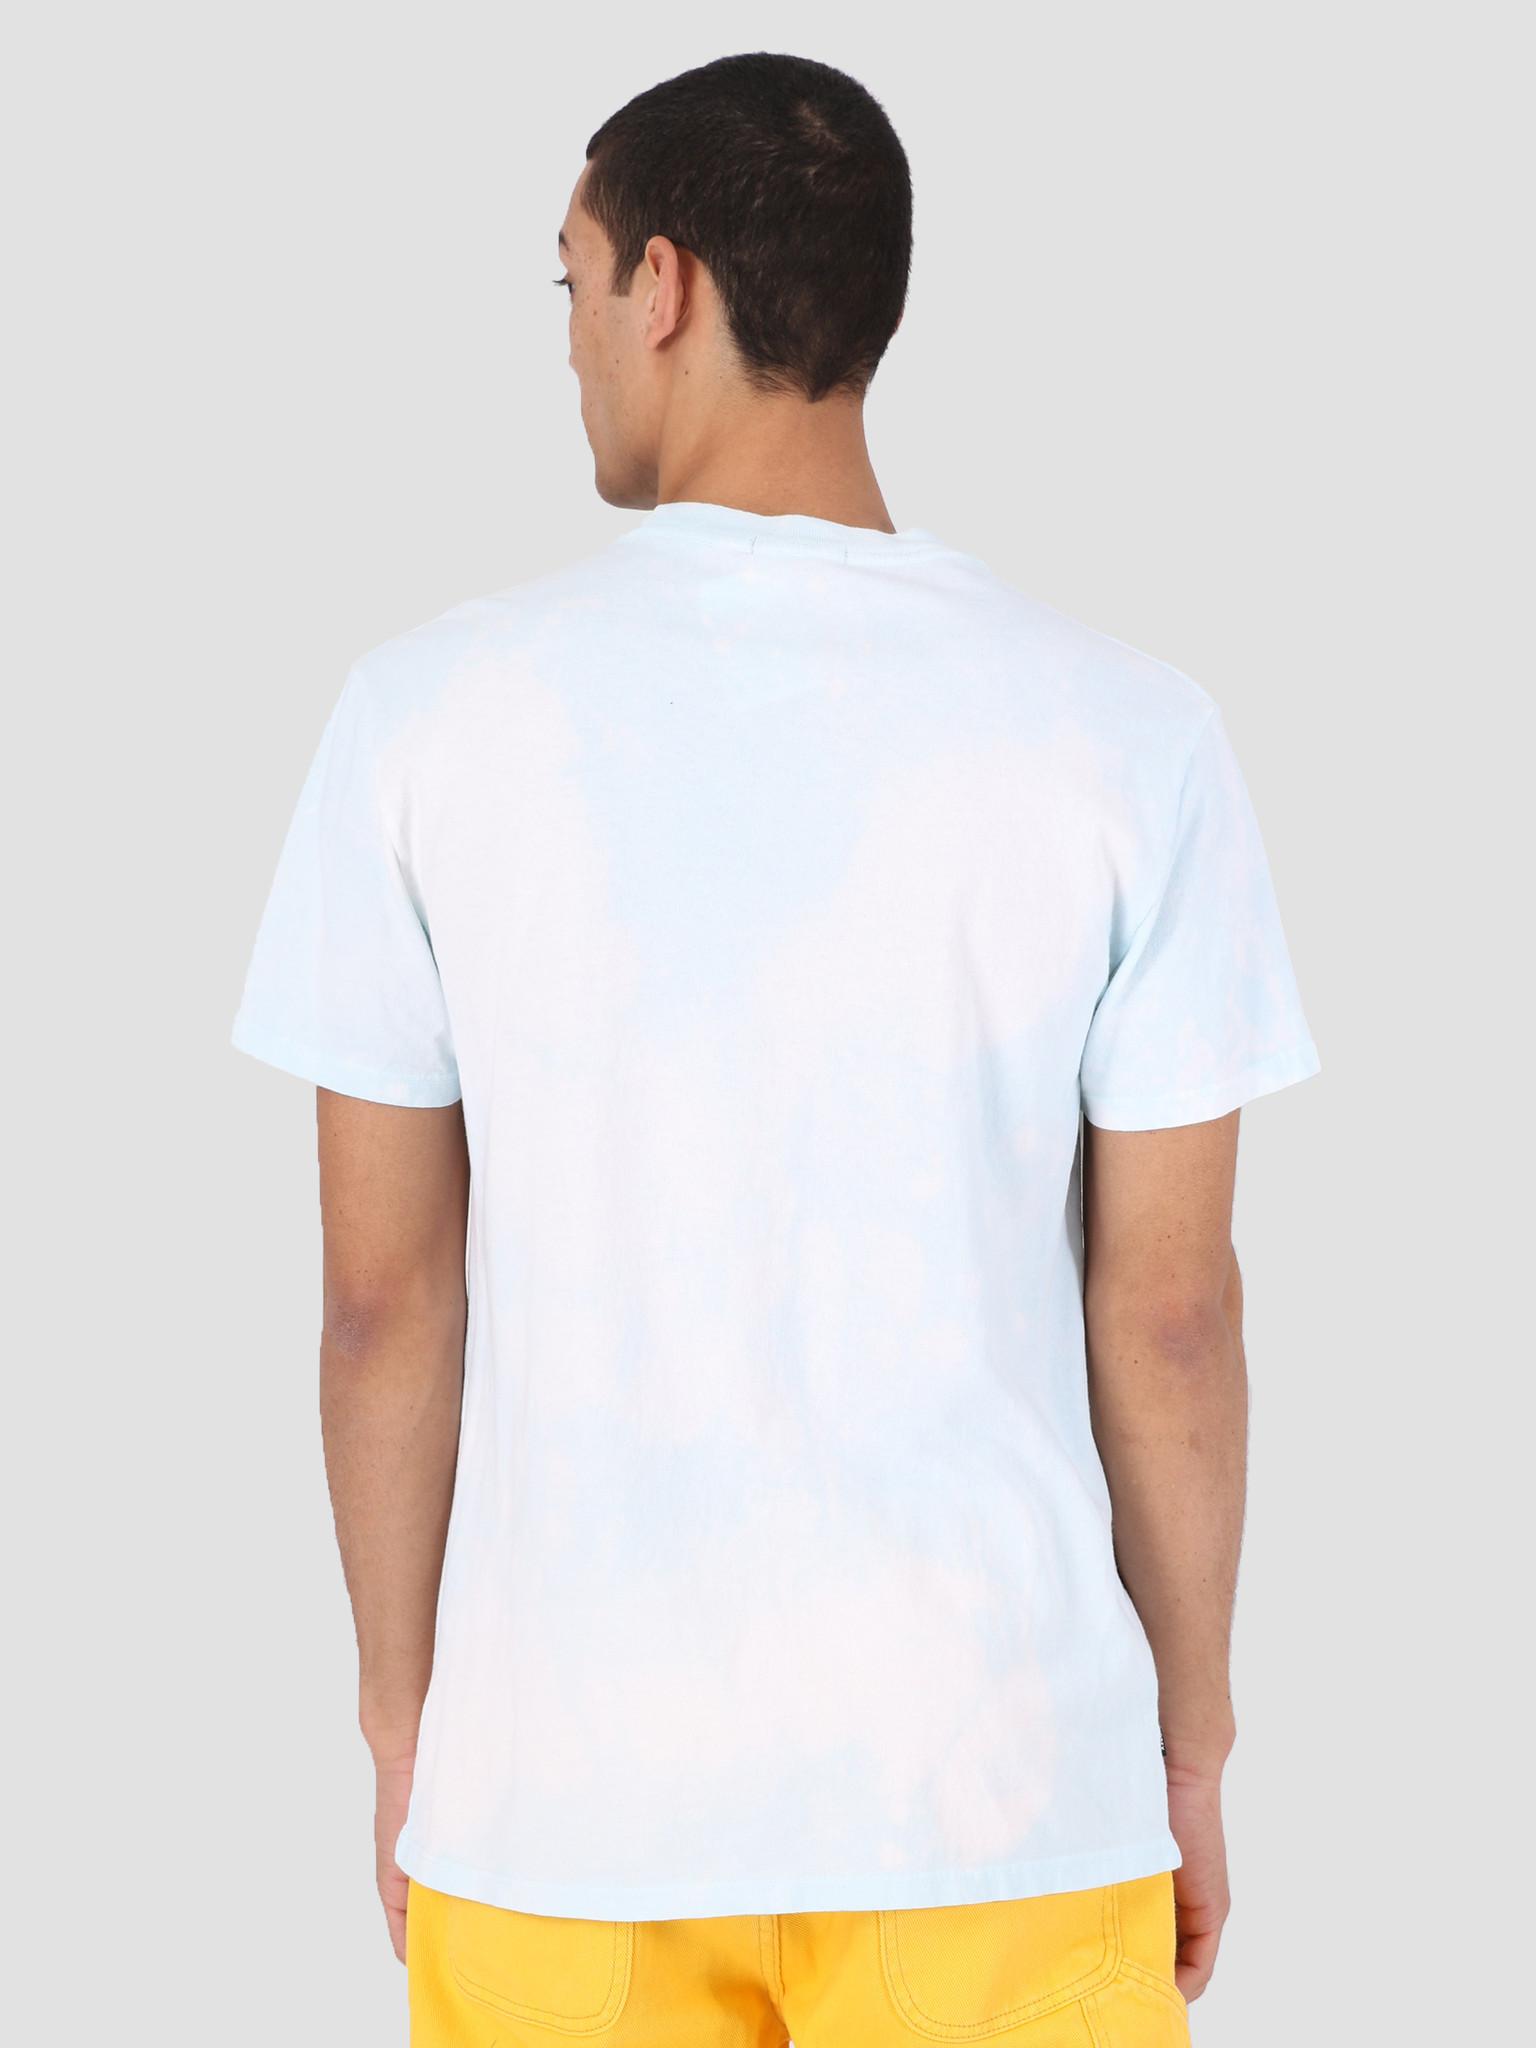 Obey Obey Novel Obey Tie Dye T-Shirt PBU 166741578